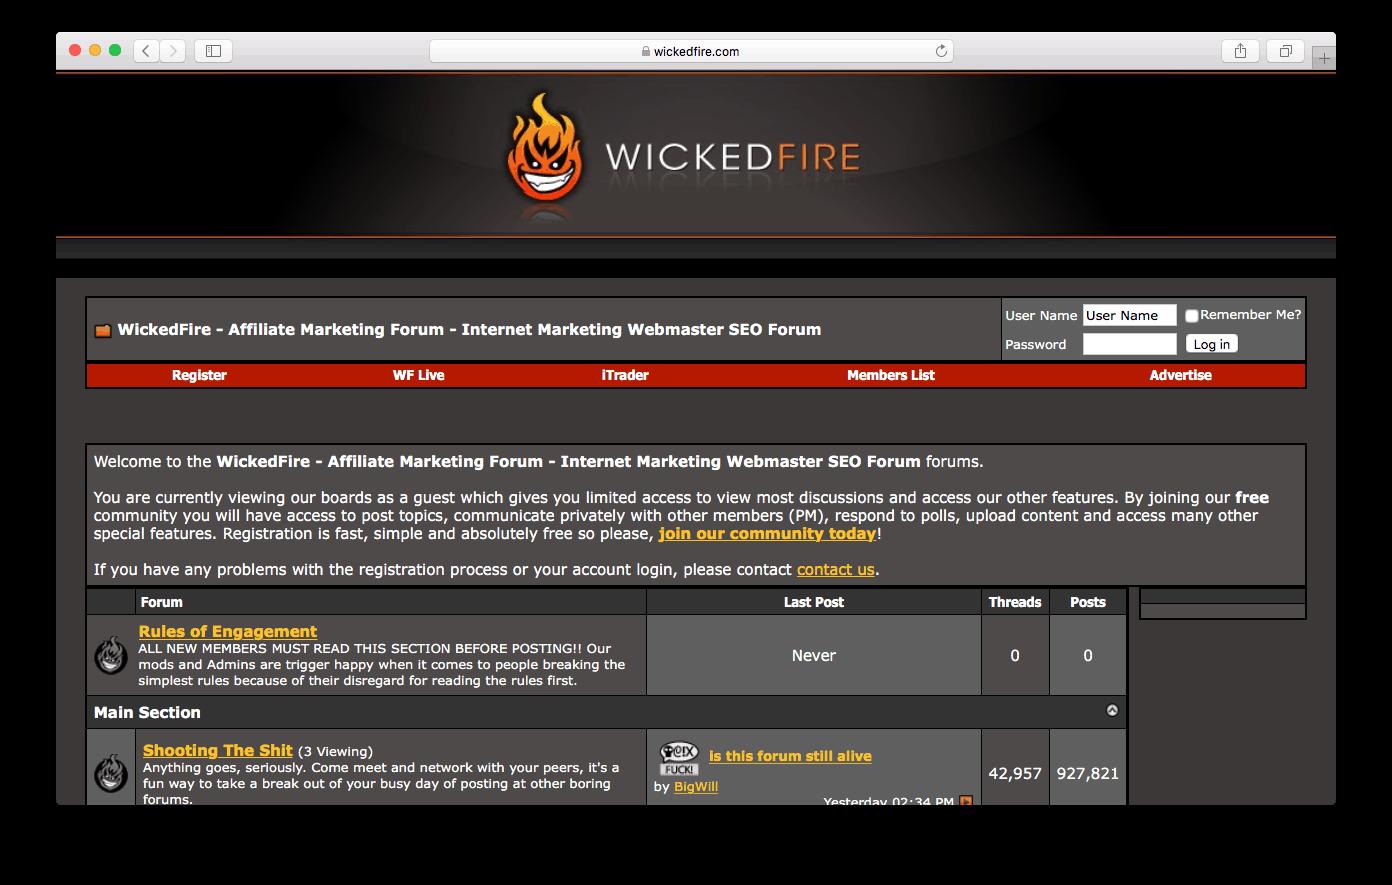 Wicked Fire SEO forum